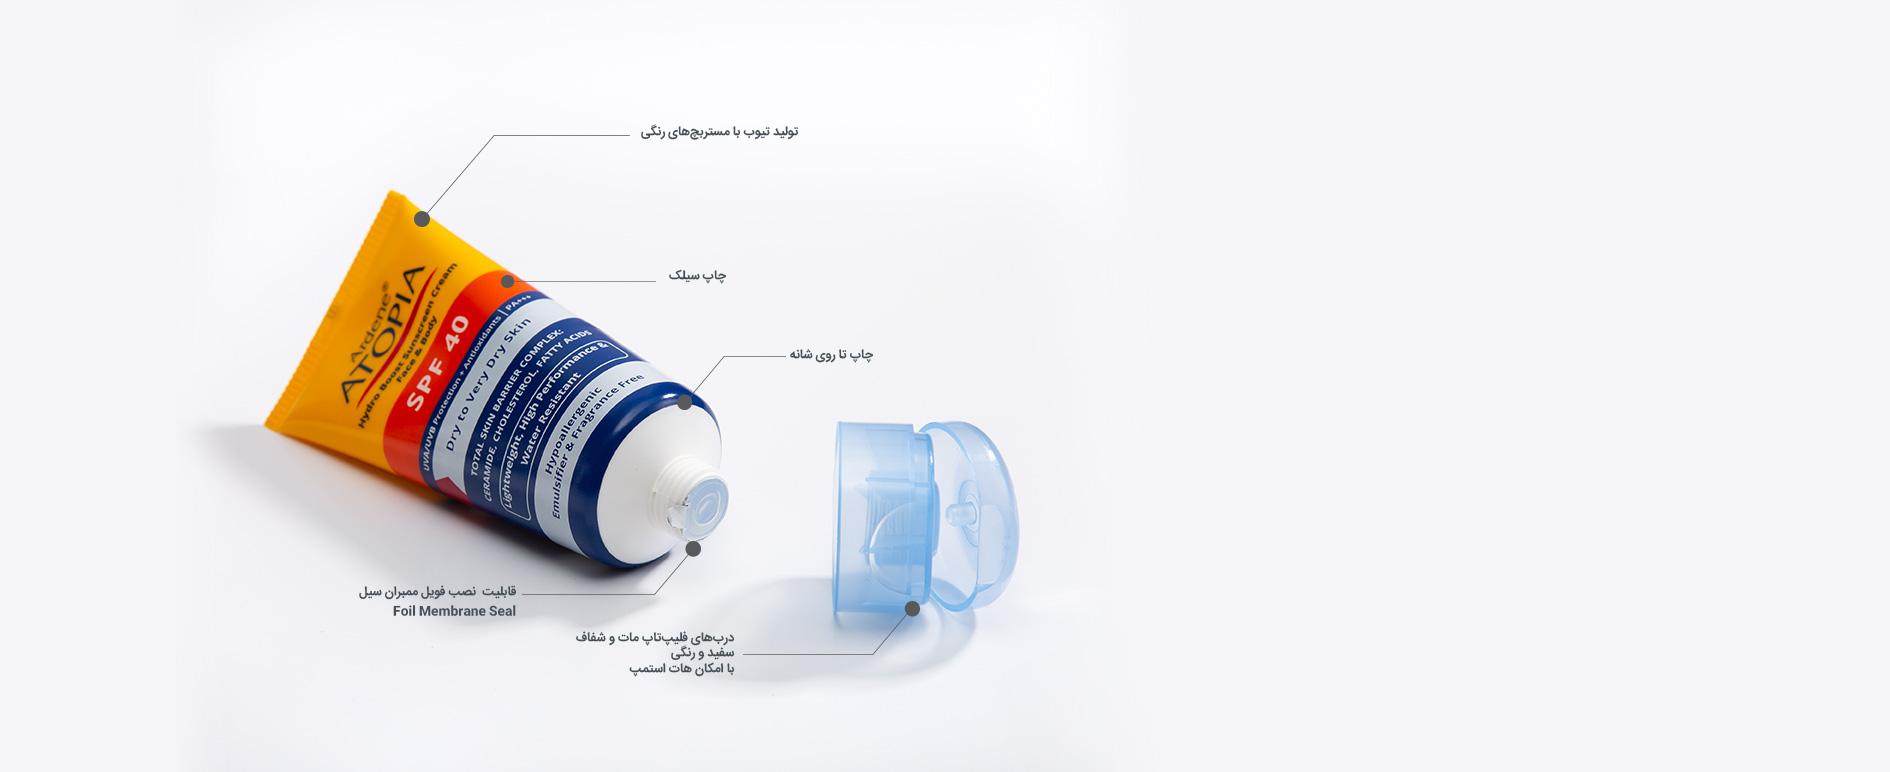 تاثیر بسته بندی بر بازاریابی و فروش محصولات آرایشی و بهداشتی